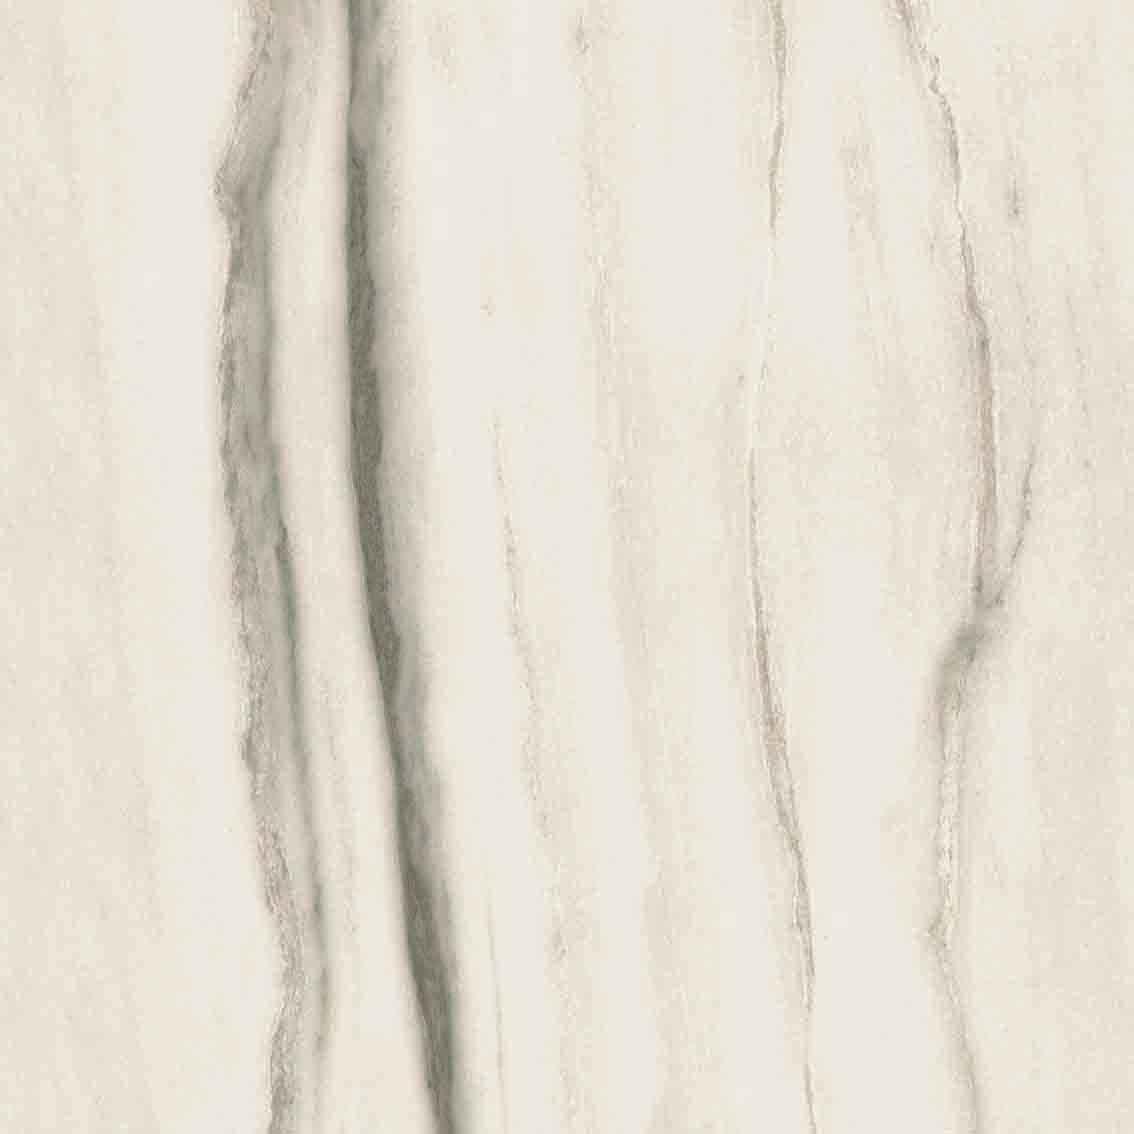 Prexious of Rex White Fantasy Matte 6mm 120 x 120